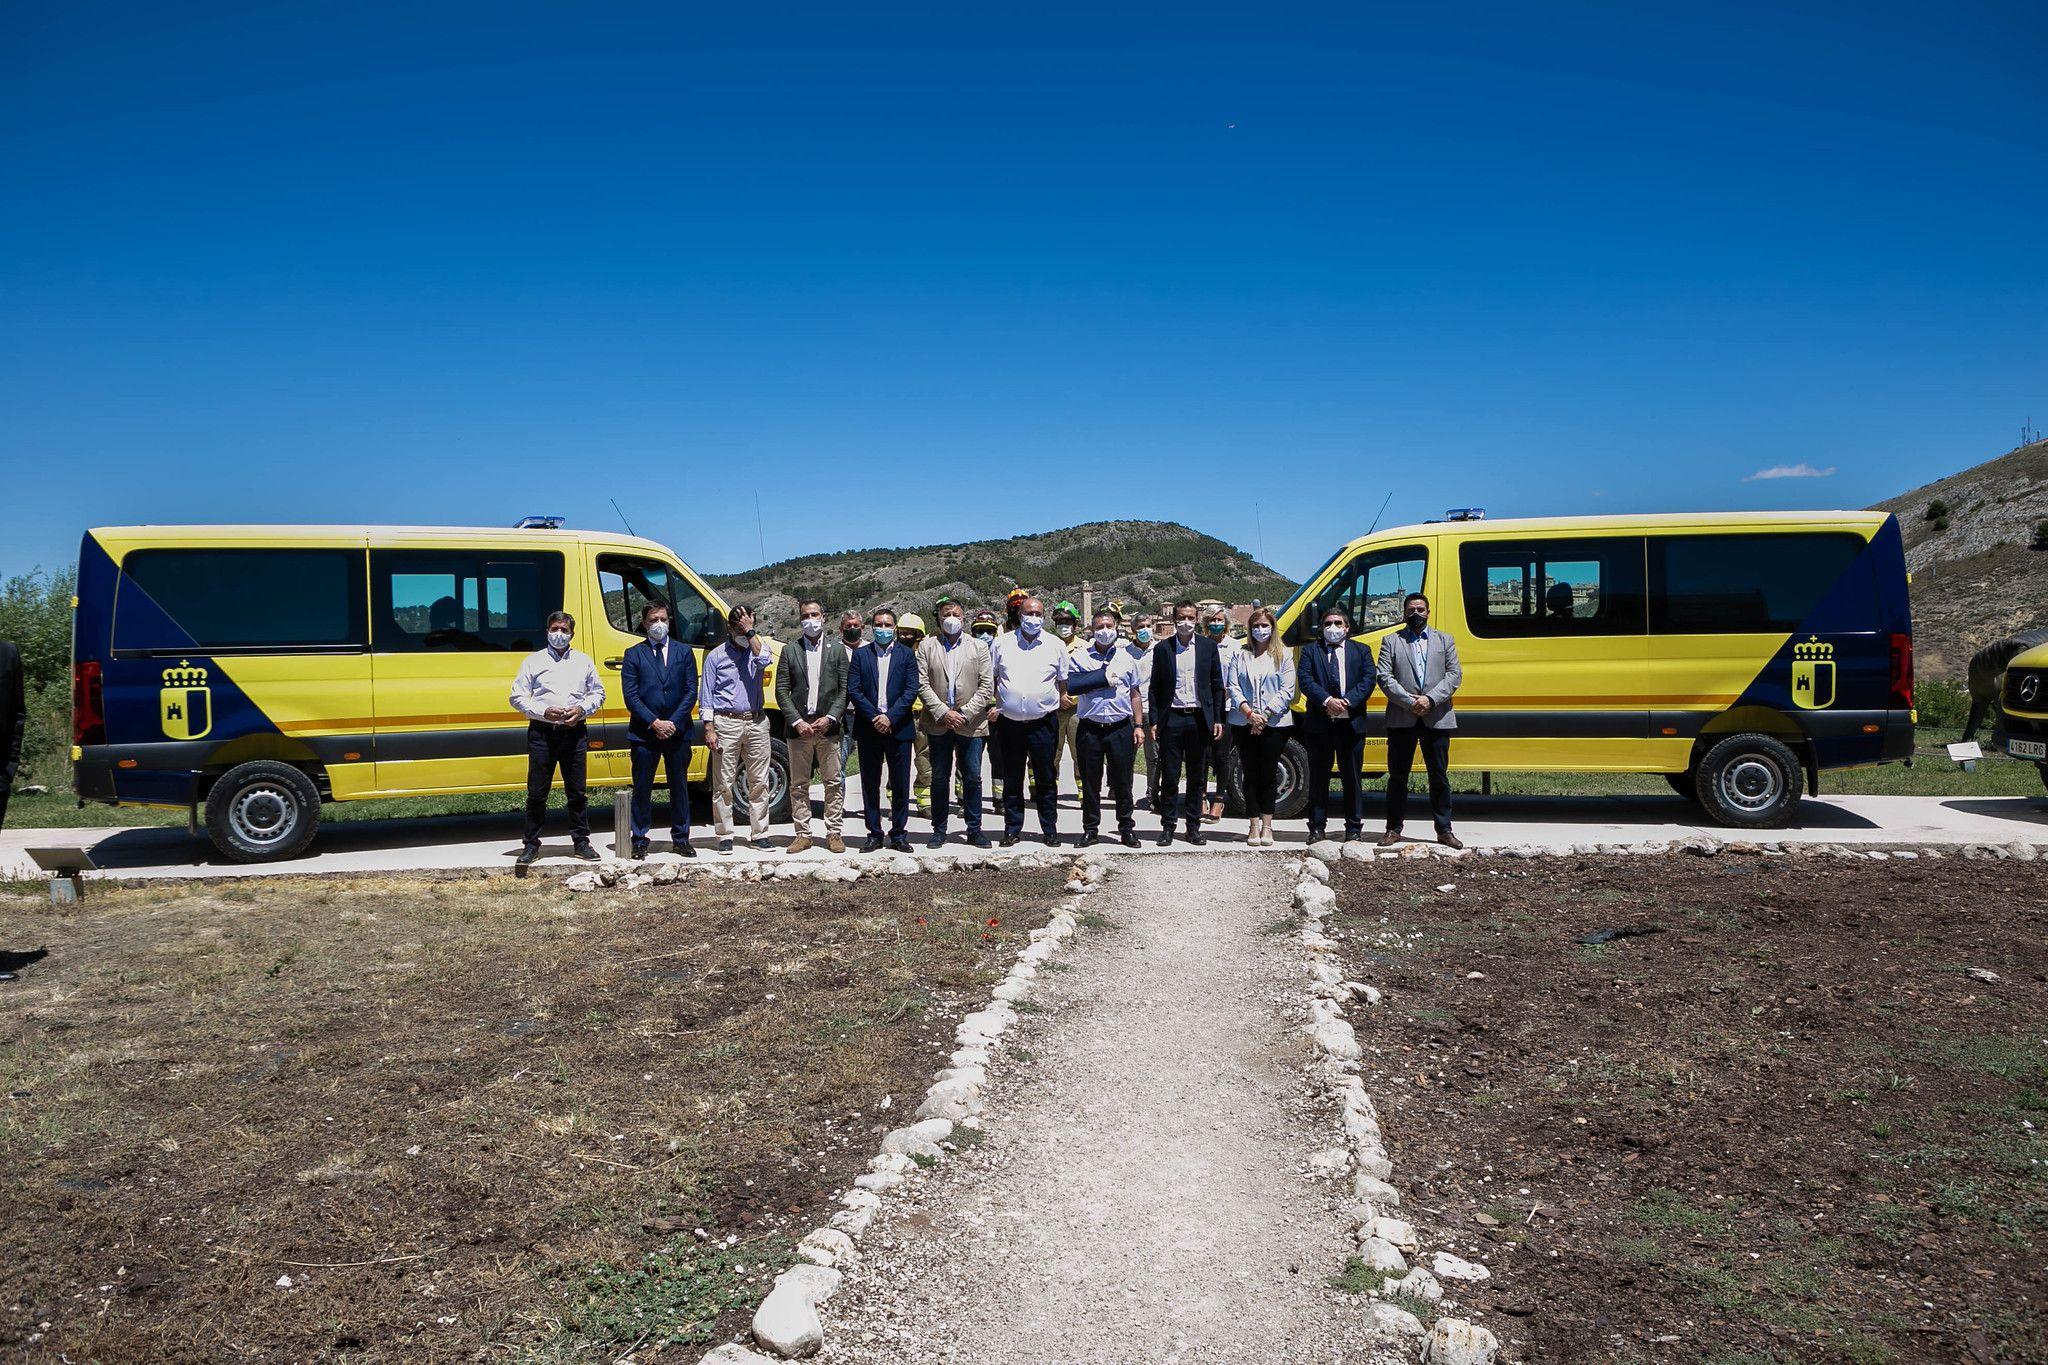 Northage proveerá a GEACAM de vehículos de renting flexible para la extinción de incendios